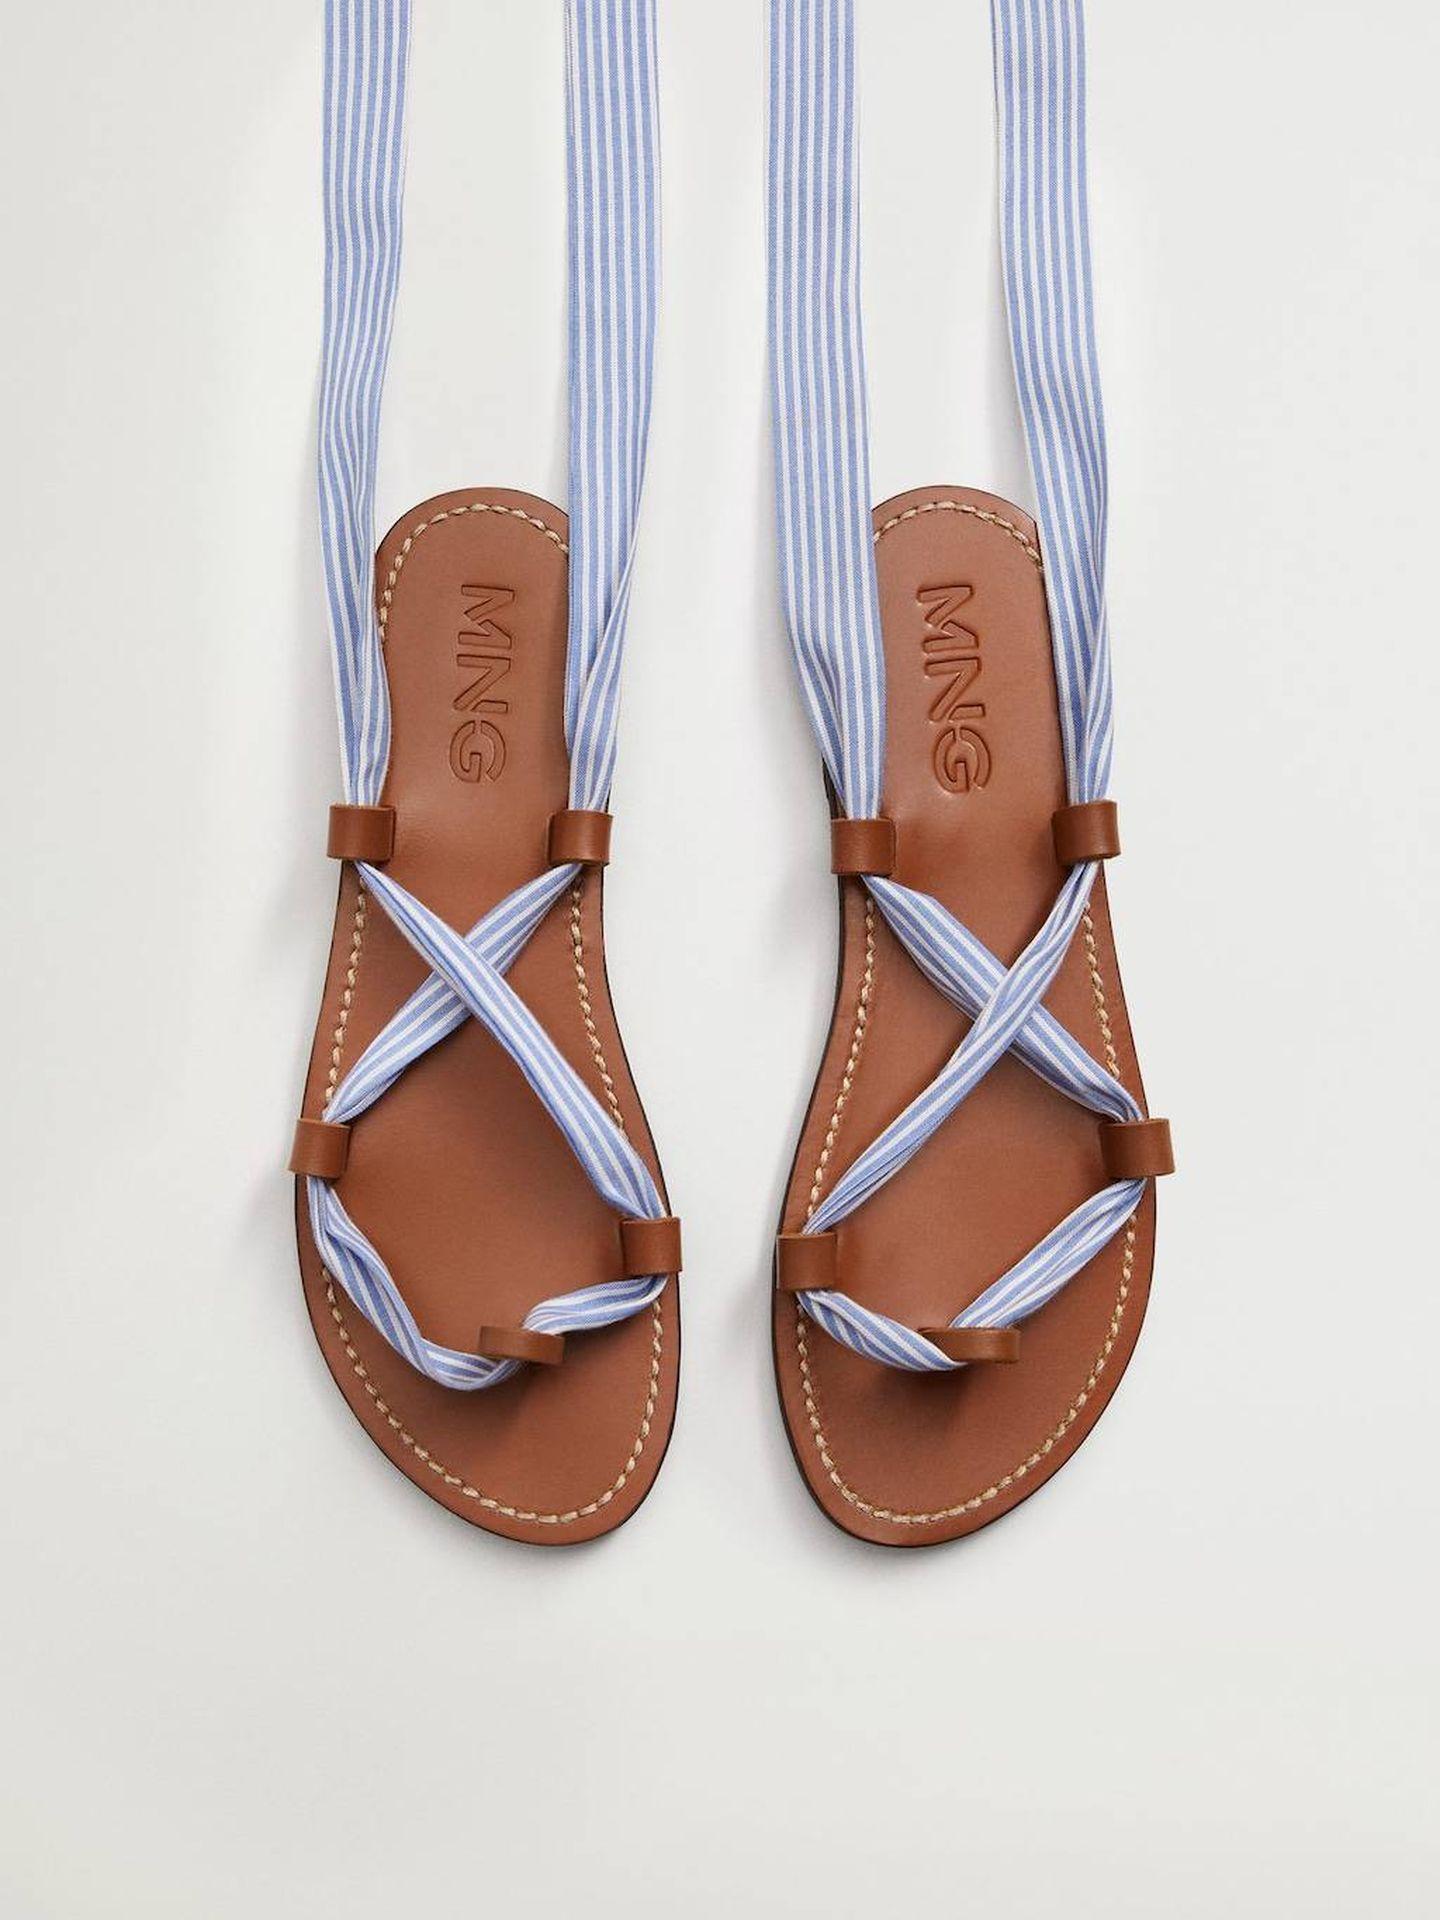 Sandalias de Mango. (Cortesía)